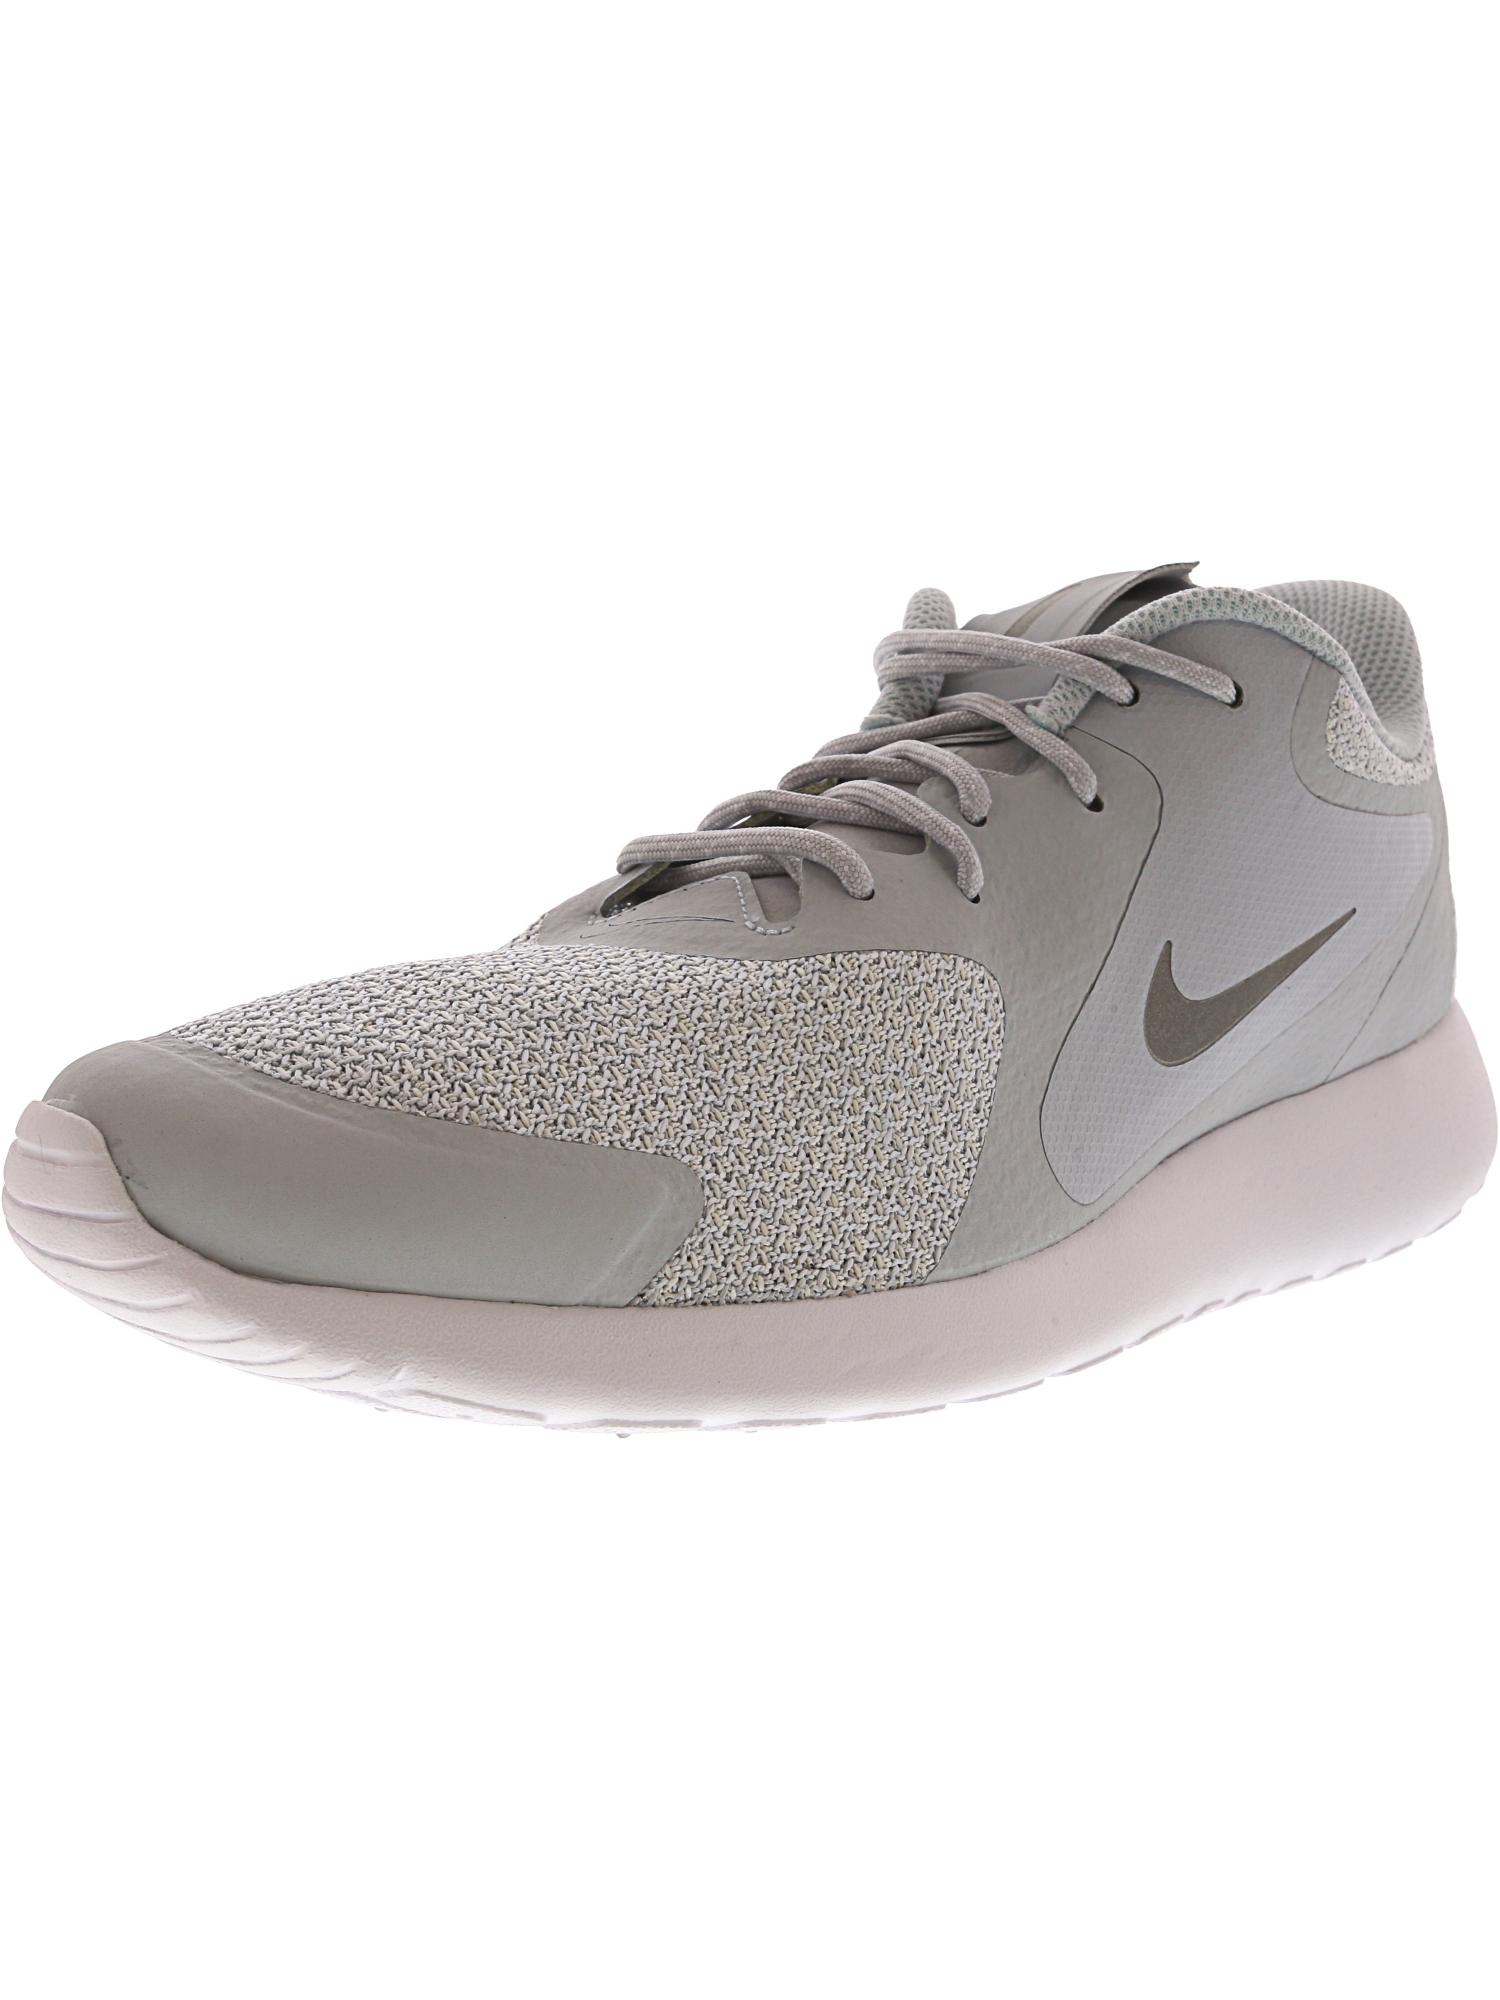 9b053deea262 Nike Women s Zaca Ankle-High Running Shoe